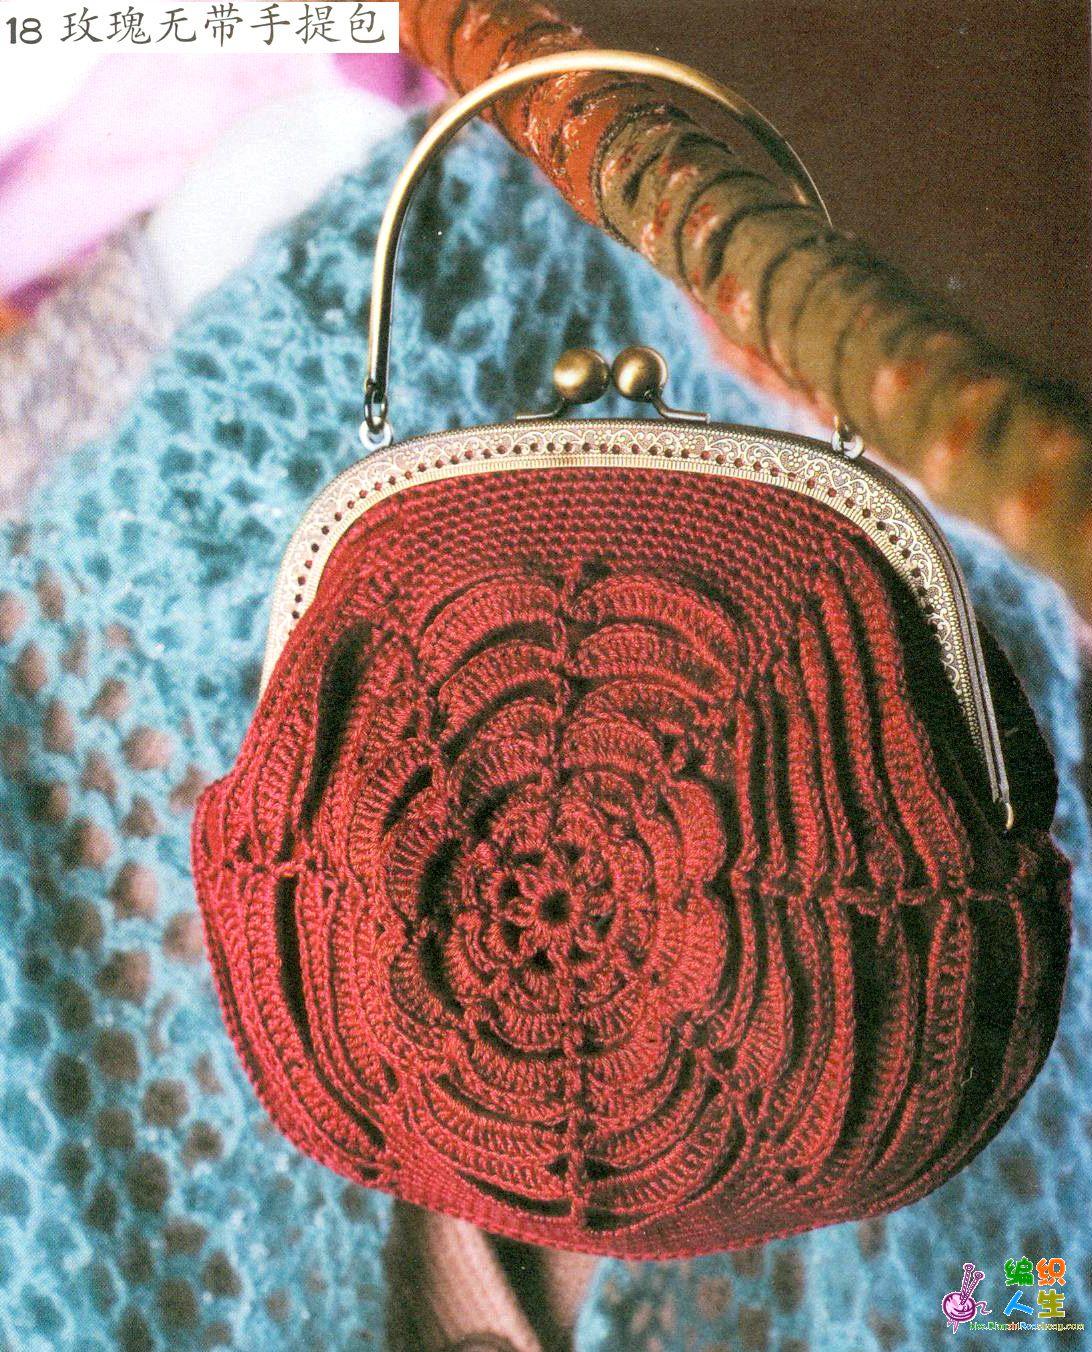 玫瑰手袋 - 流星 - 流星的博客